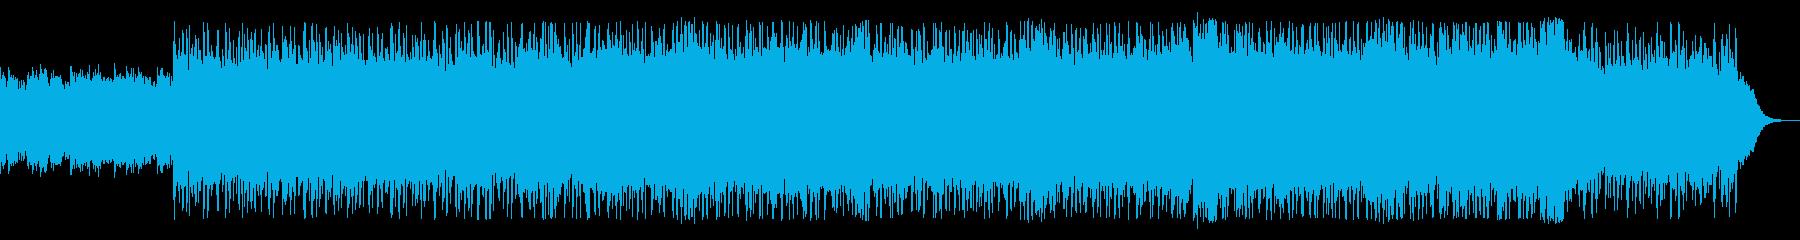 シンプル/不気味/毒々しい/不安/テクノの再生済みの波形